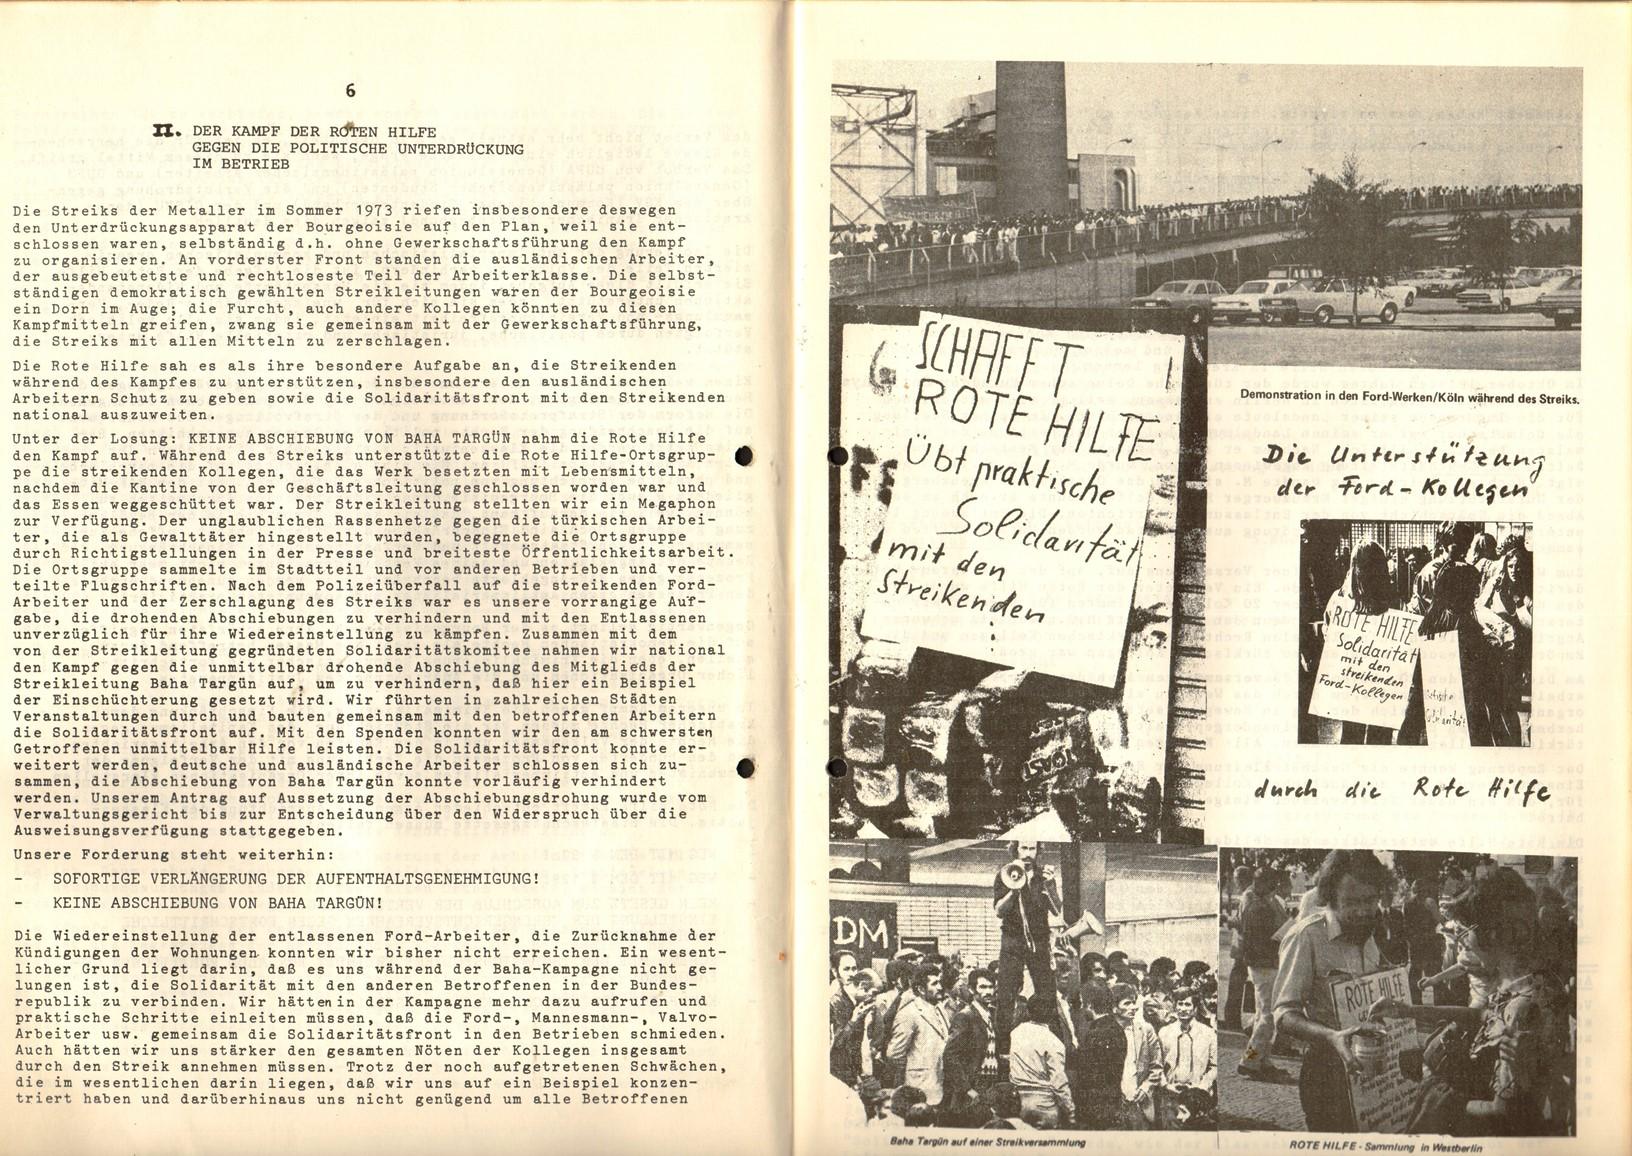 Dortmund_RHev_1974_Rechenschaftsbericht_05